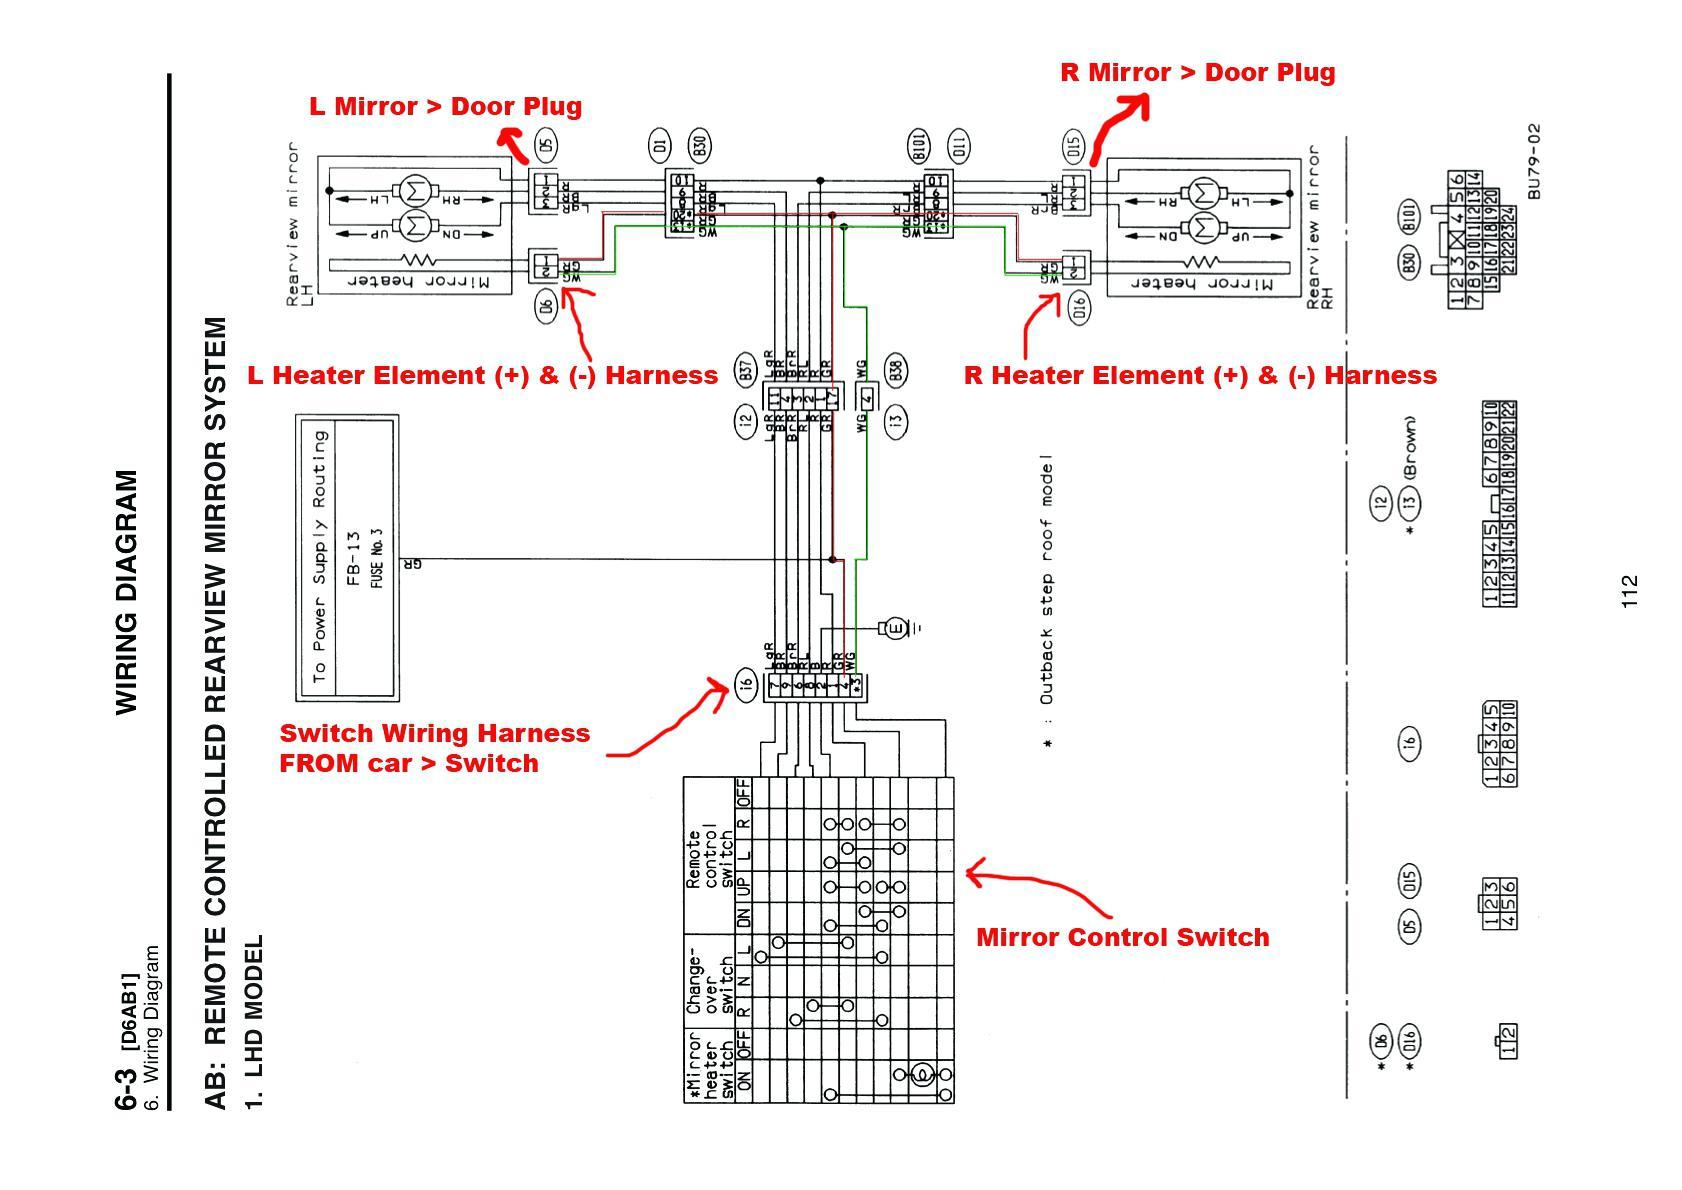 BC_6202] Toro Ss4235 Wiring Diagram Schematic Wiring